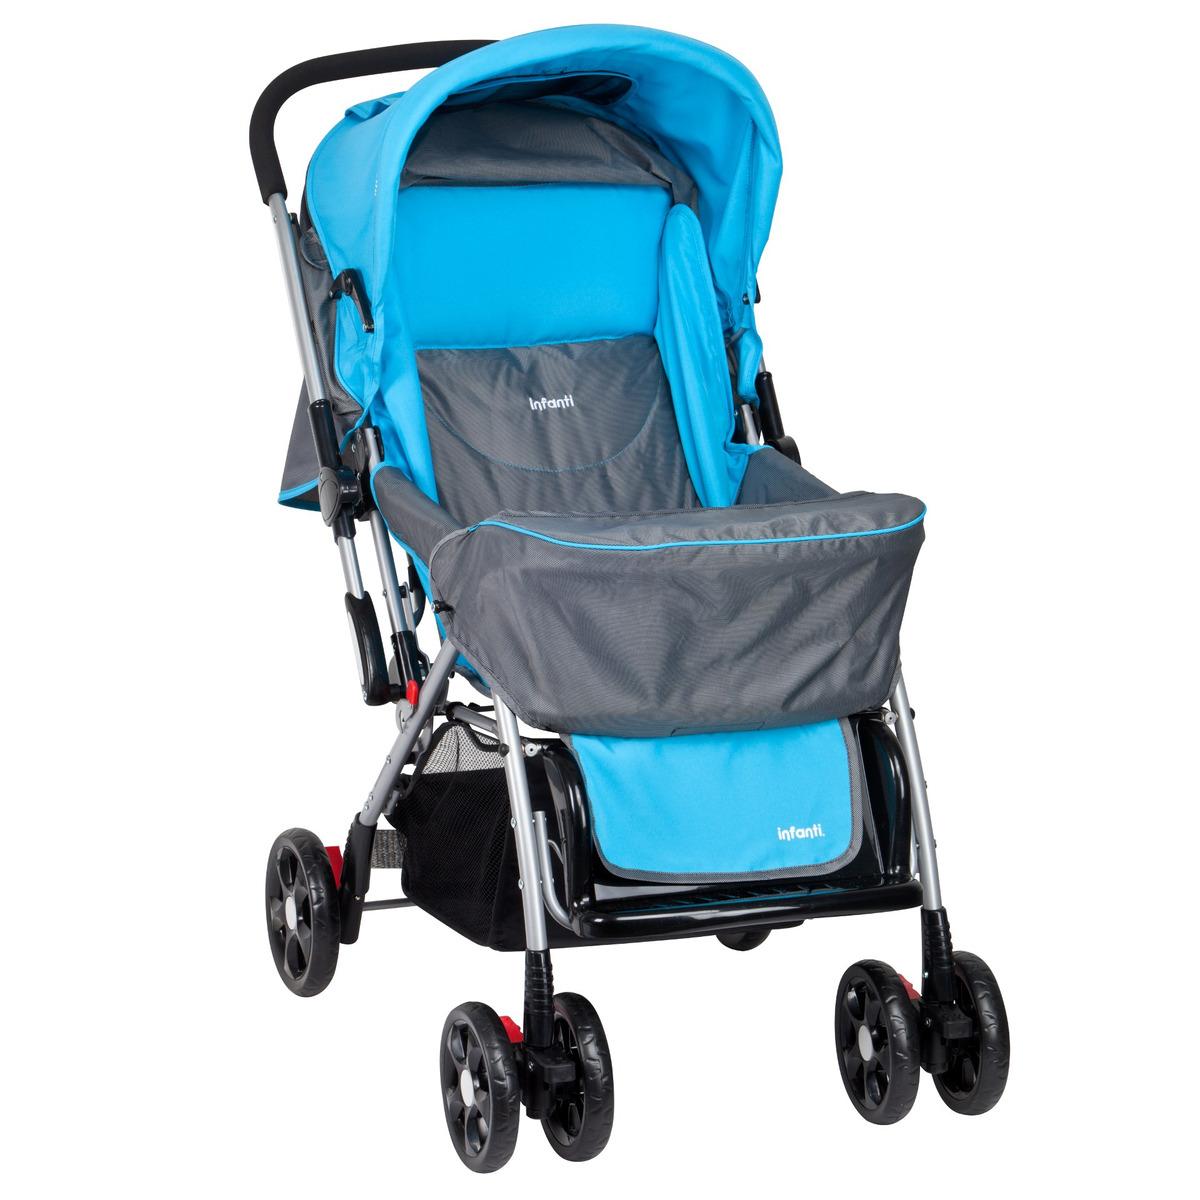 3dea4fd6a Coche Cuna Yazi Colors Blue Infanti - $ 79.990 en Mercado Libre